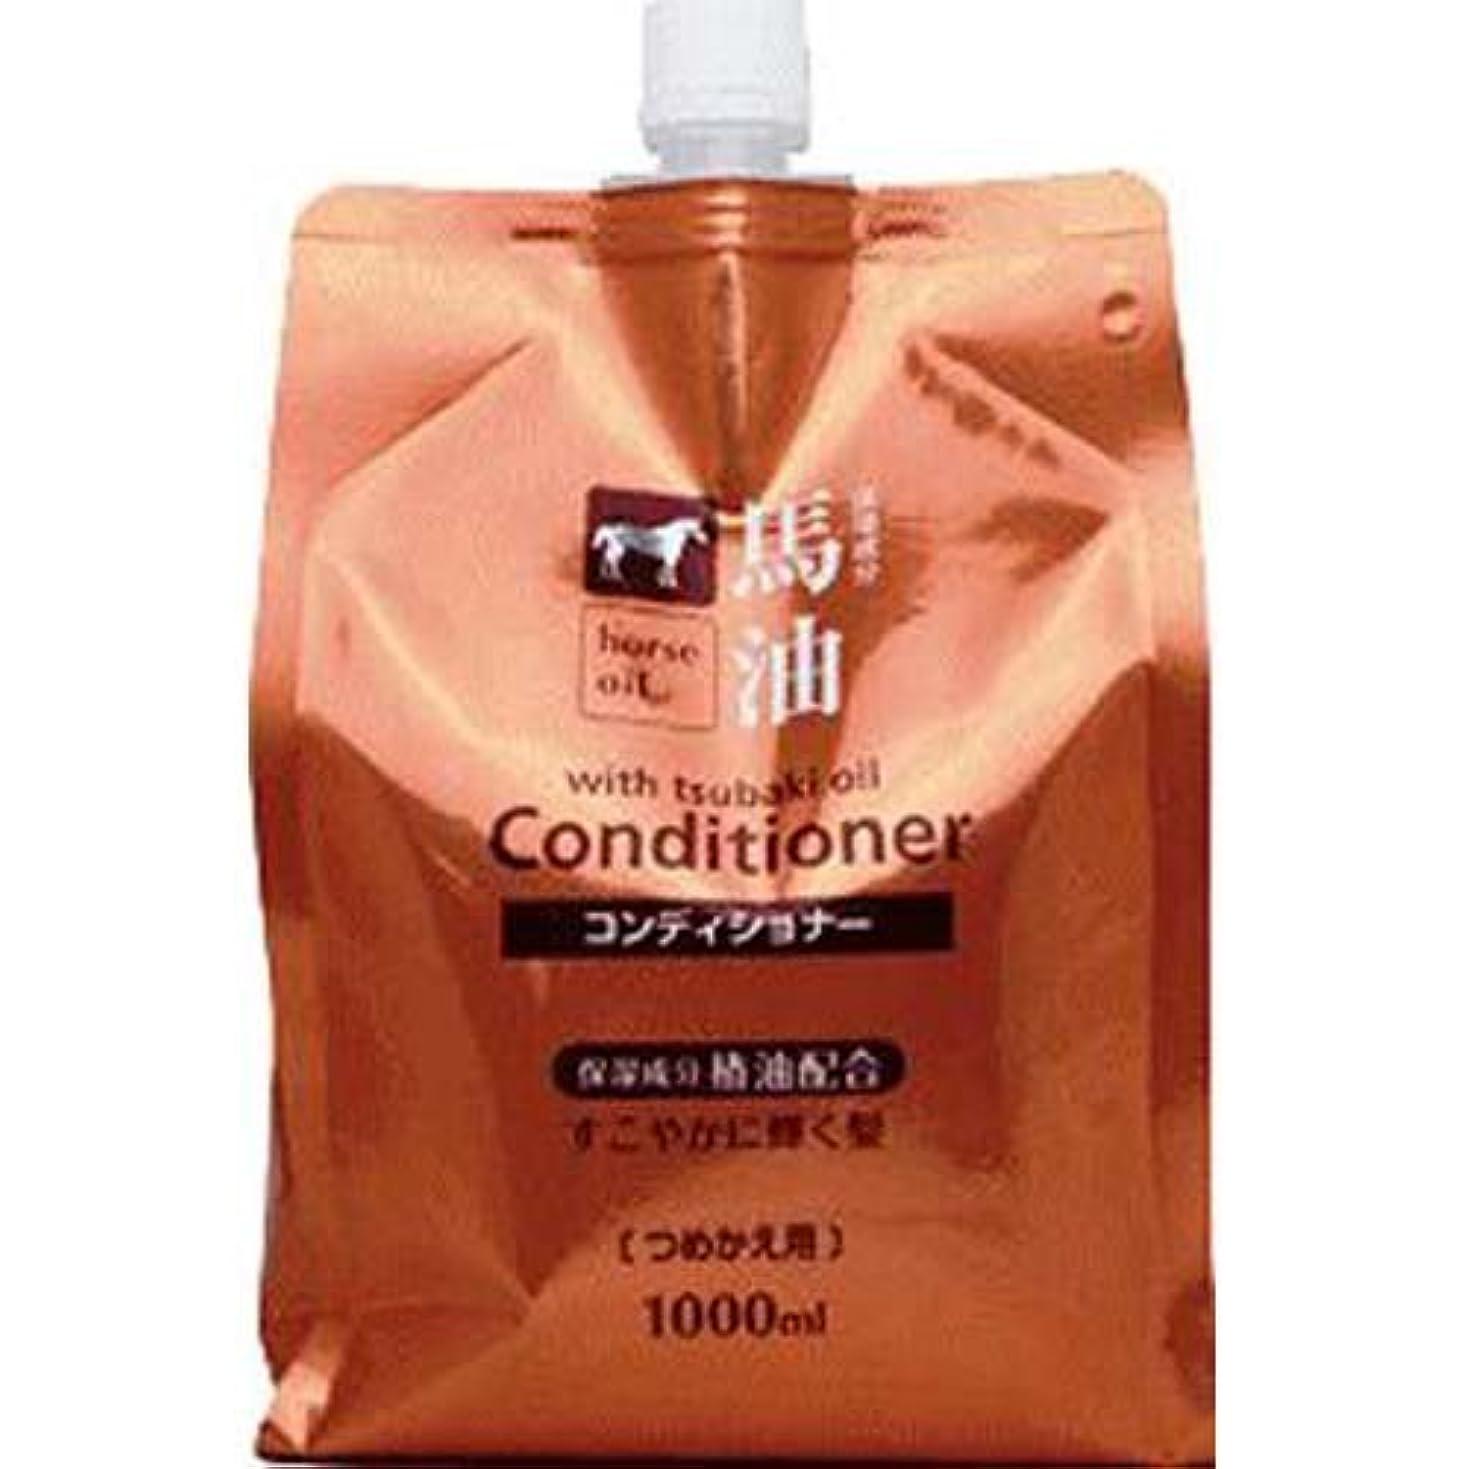 詳細なめまいアシュリータファーマン熊野油脂 馬油コンディショナー つめかえ用 1000ml